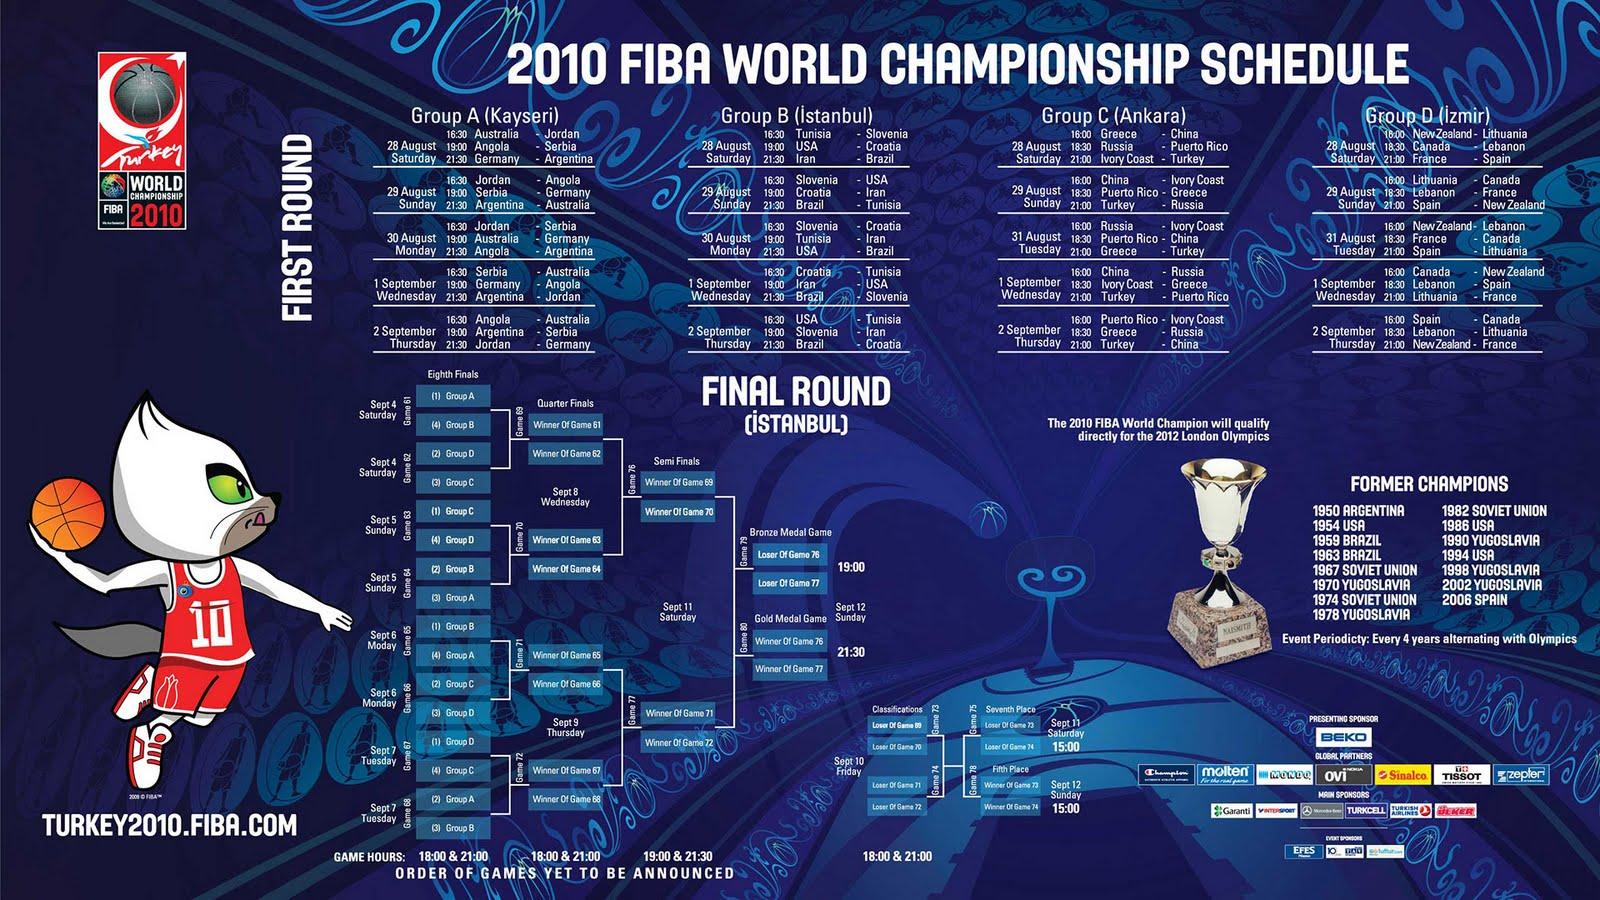 http://3.bp.blogspot.com/-wNxp56d0WqM/TmSfsRLR8_I/AAAAAAAAD8g/wws-vI_aJis/s1600/FIBA-World-Championship-2010-Schedule-Wallpaper.jpg